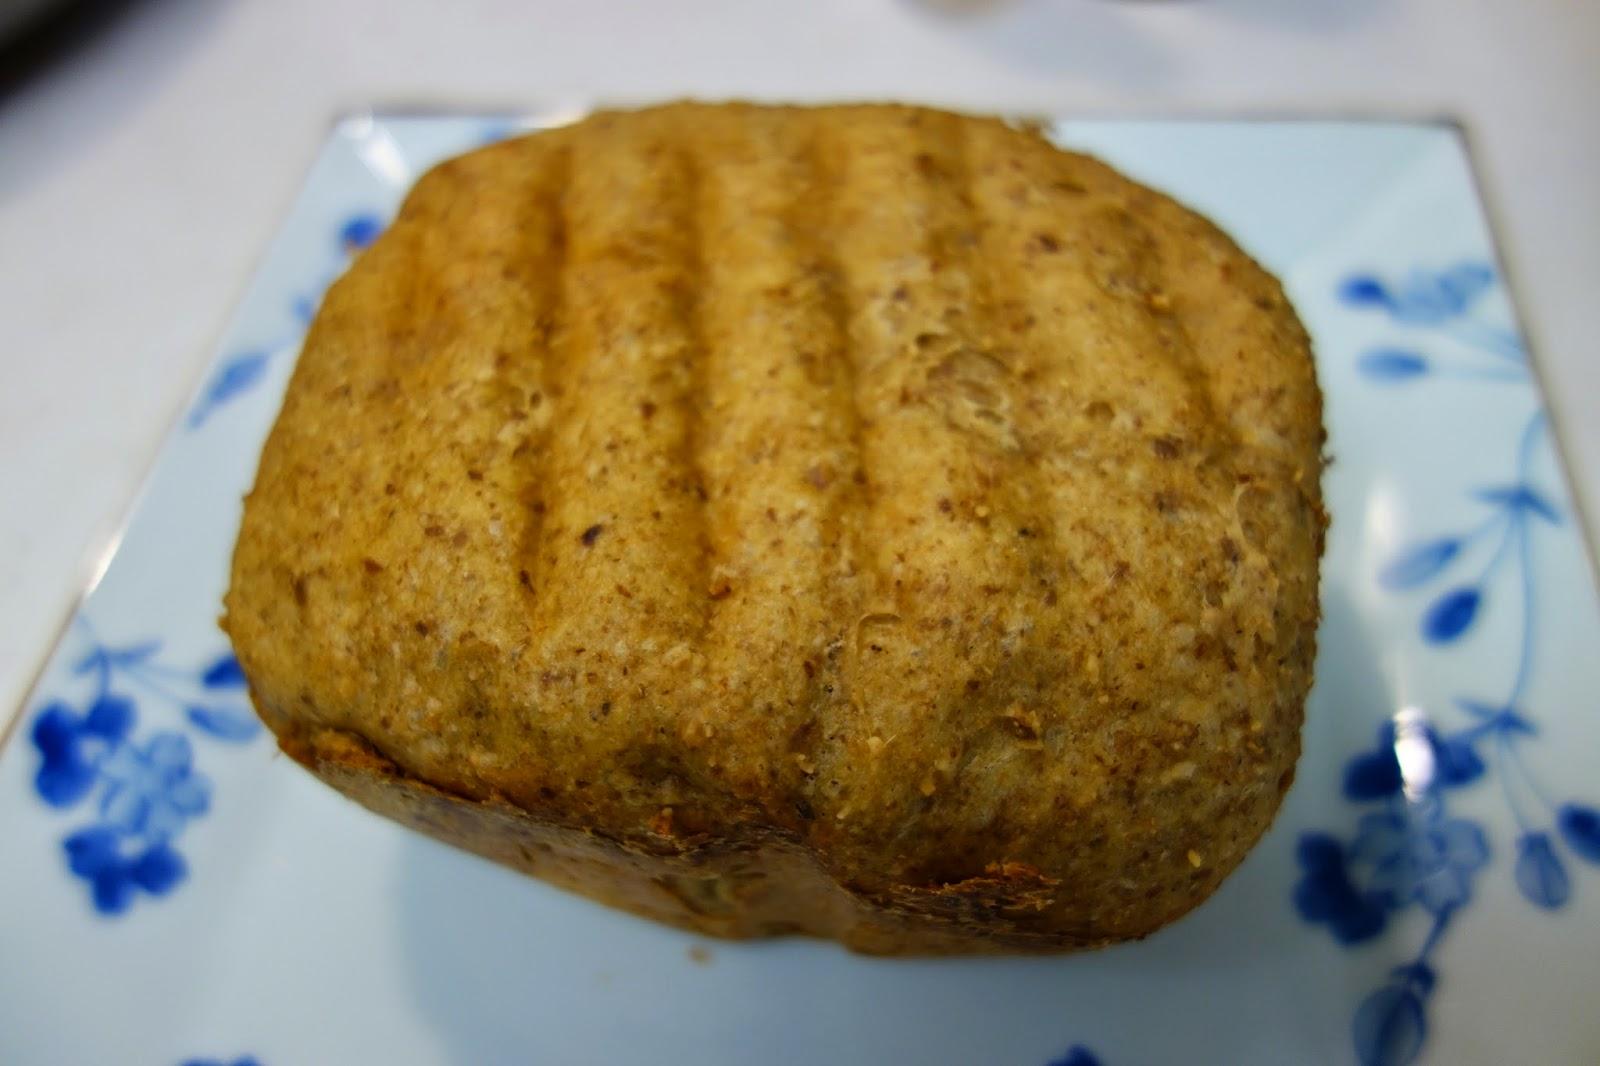 低糖質 糖質制限 パン ホームベーカリー パナソニックSD-BH105 HB バイタミックス パナソニック 全粒粉 糖質 大豆 アーモンド粉 グルテン 卵  ラカンカット ドライイースト